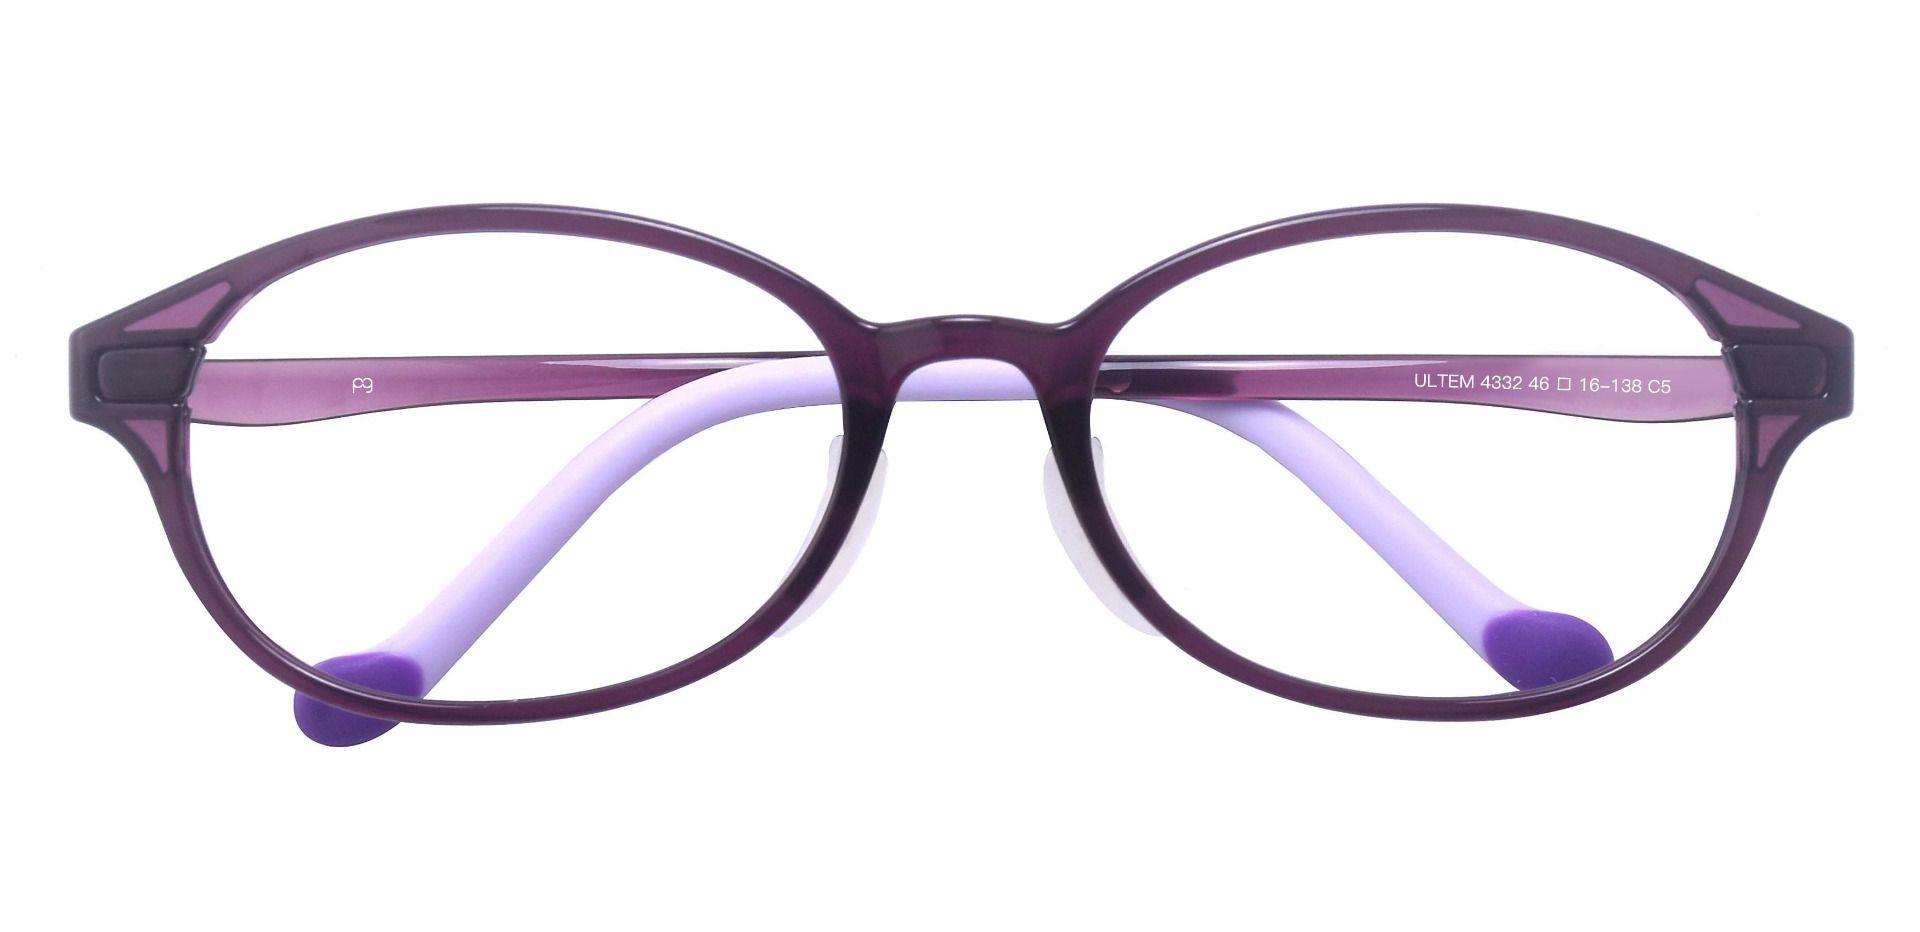 Taylor Oval Prescription Glasses - Purple